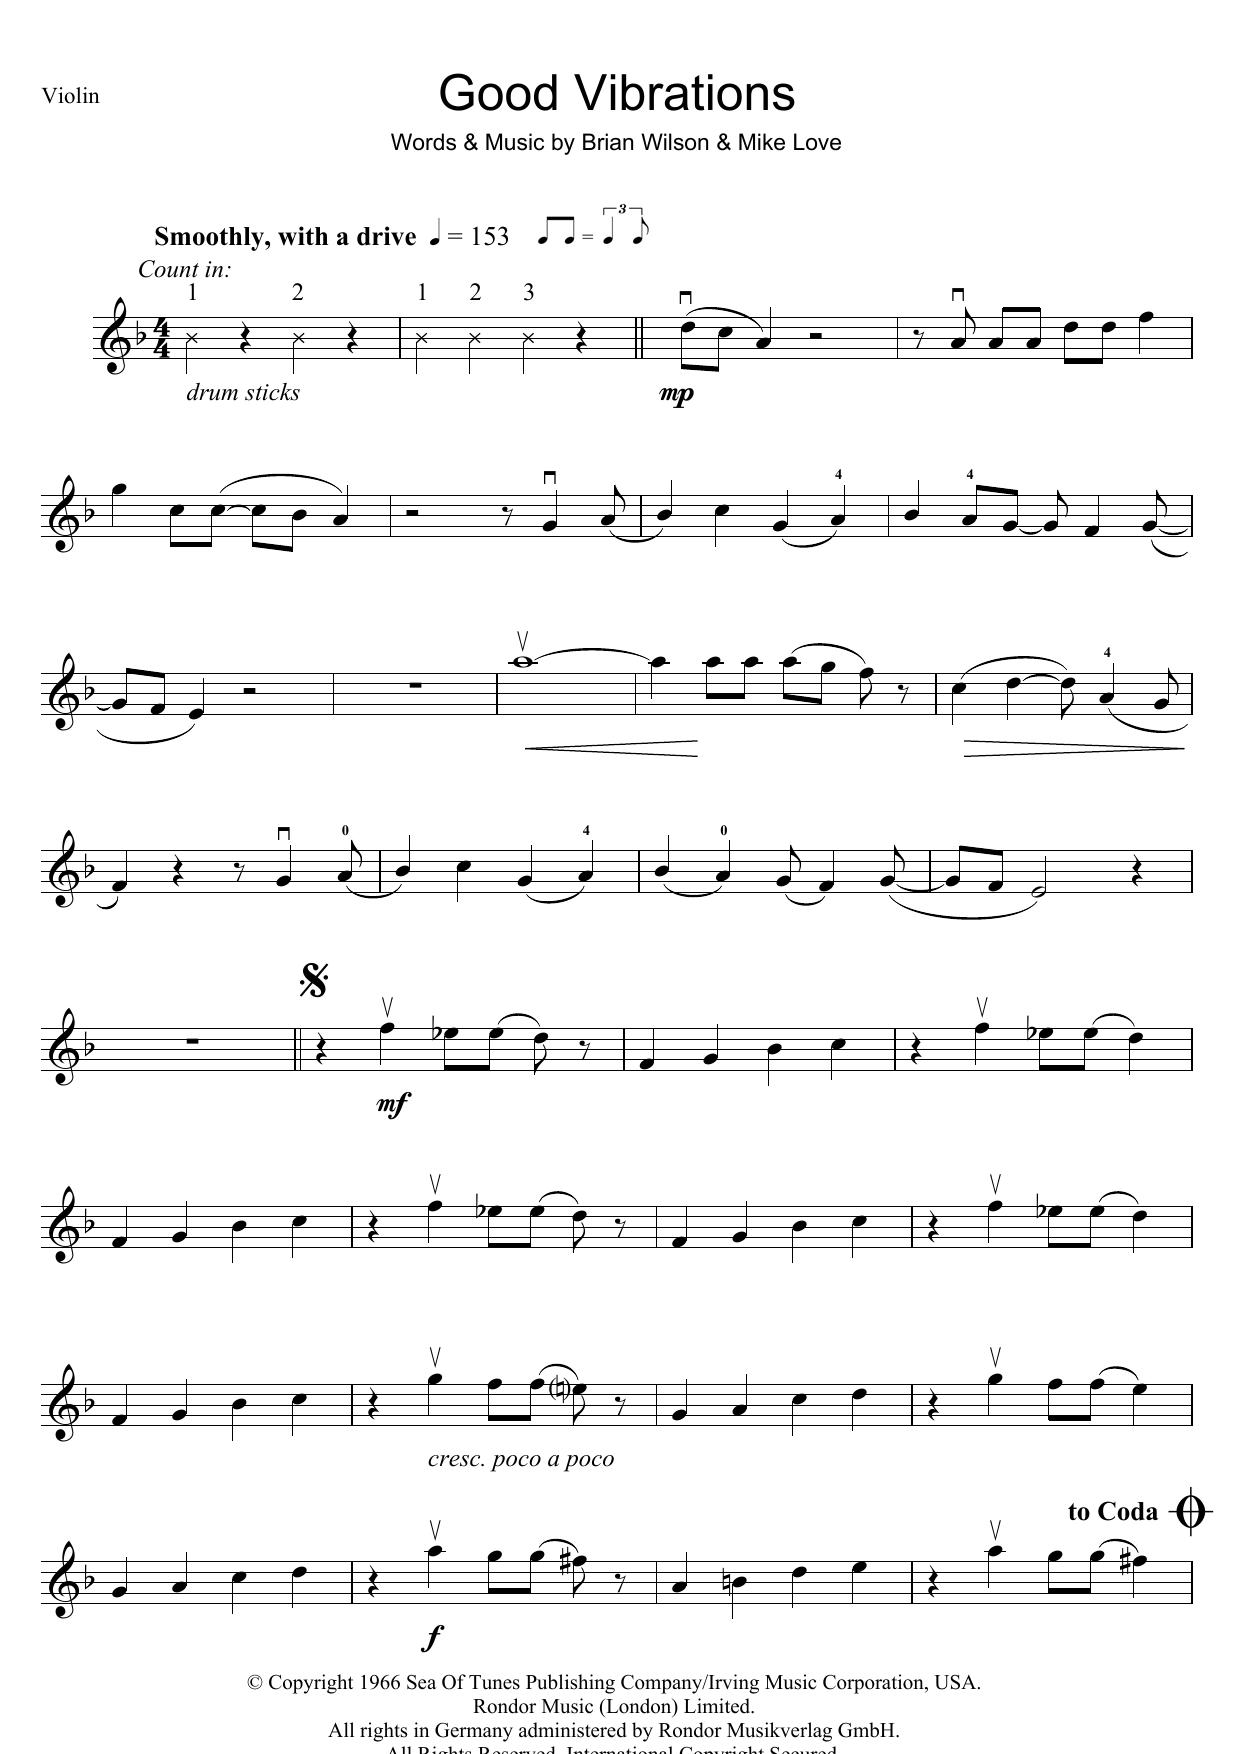 Good Vibrations (Violin Solo)